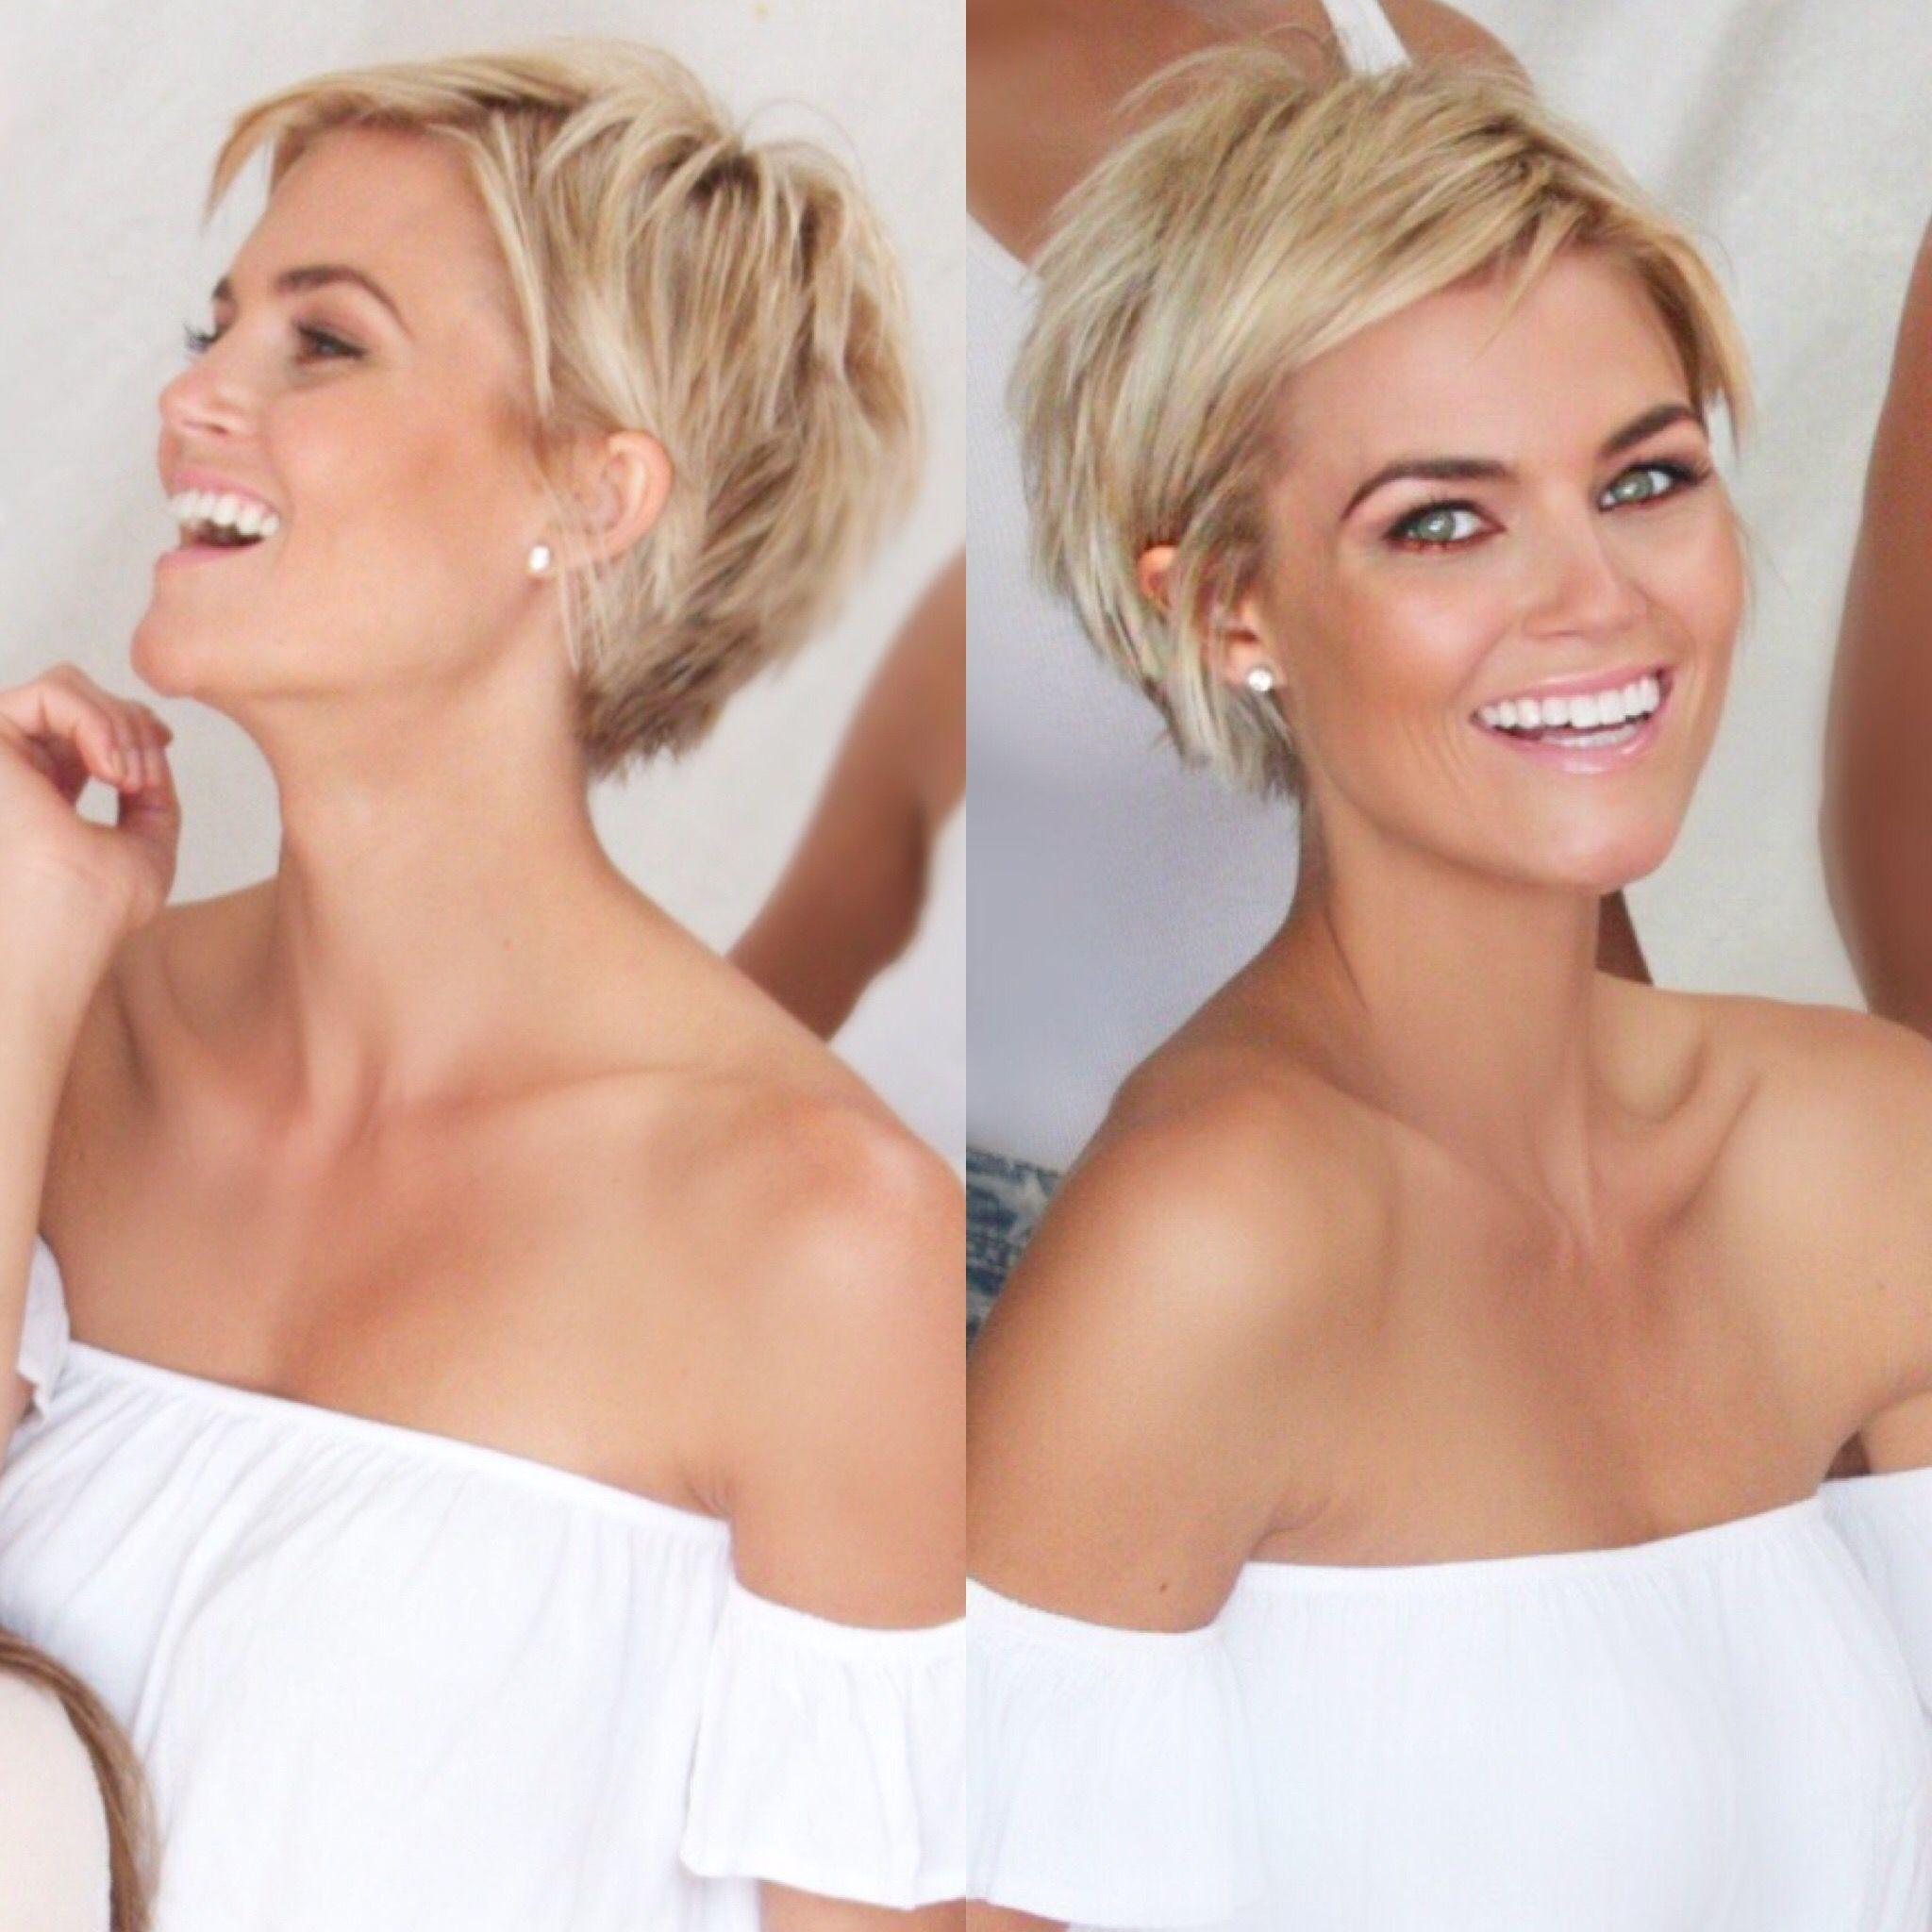 Blonde pixie krissafowles beauty tips pinterest blonde pixie